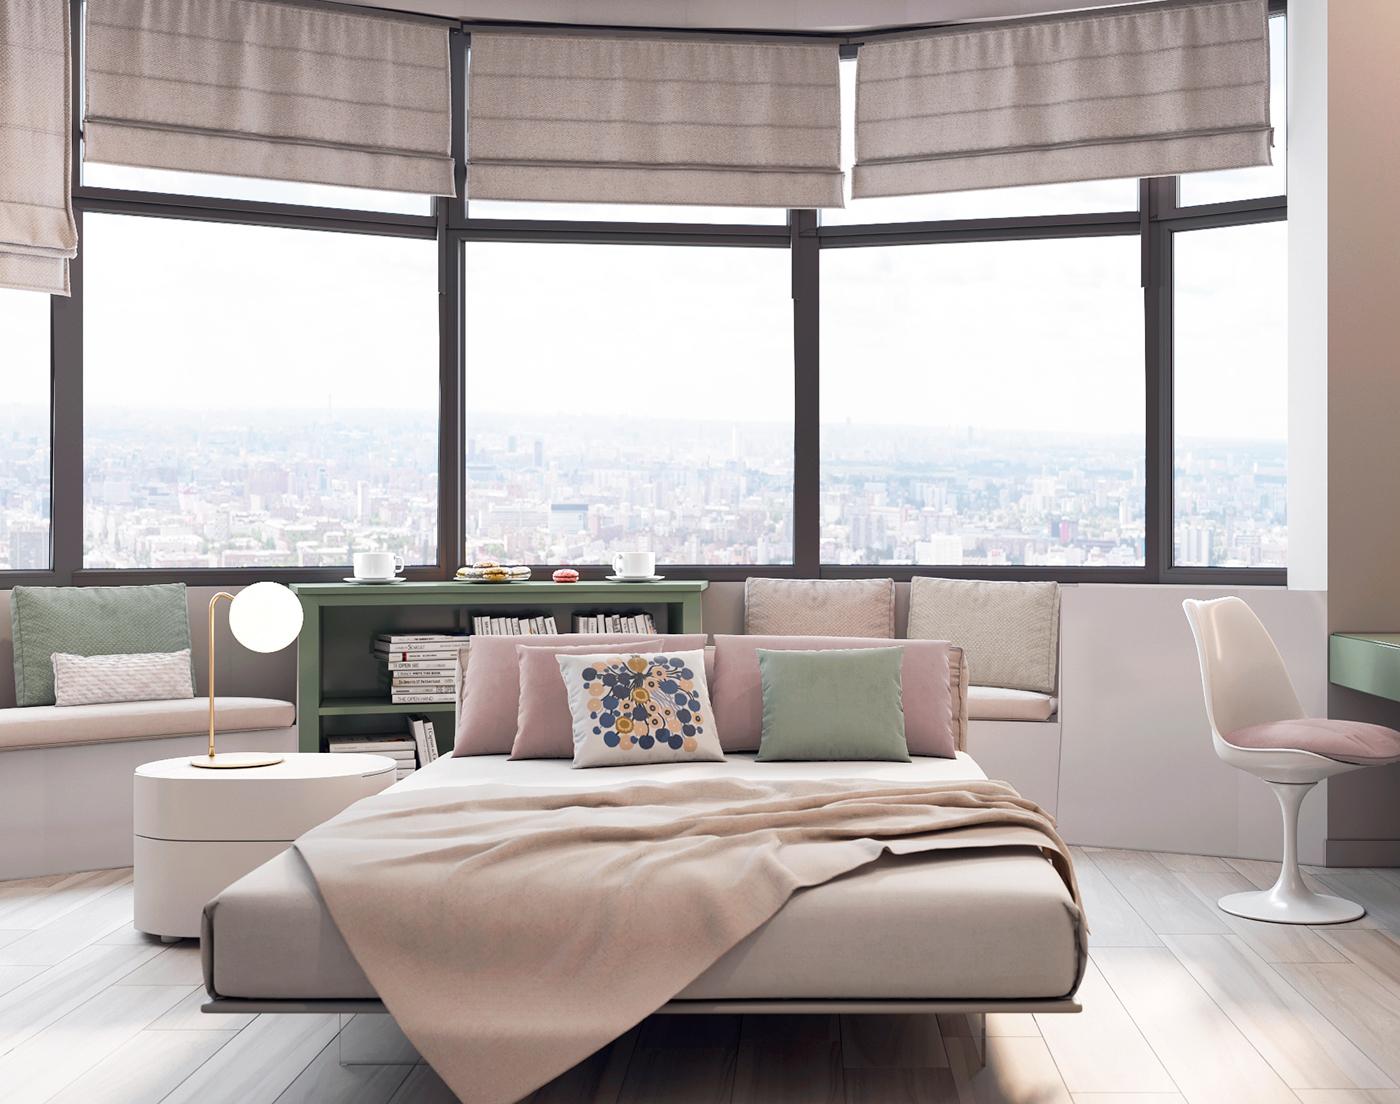 Slaapkamer Met Pastelkleuren : Moderne slaapkamer met zachte pastelkleuren slaapkamer ideeën